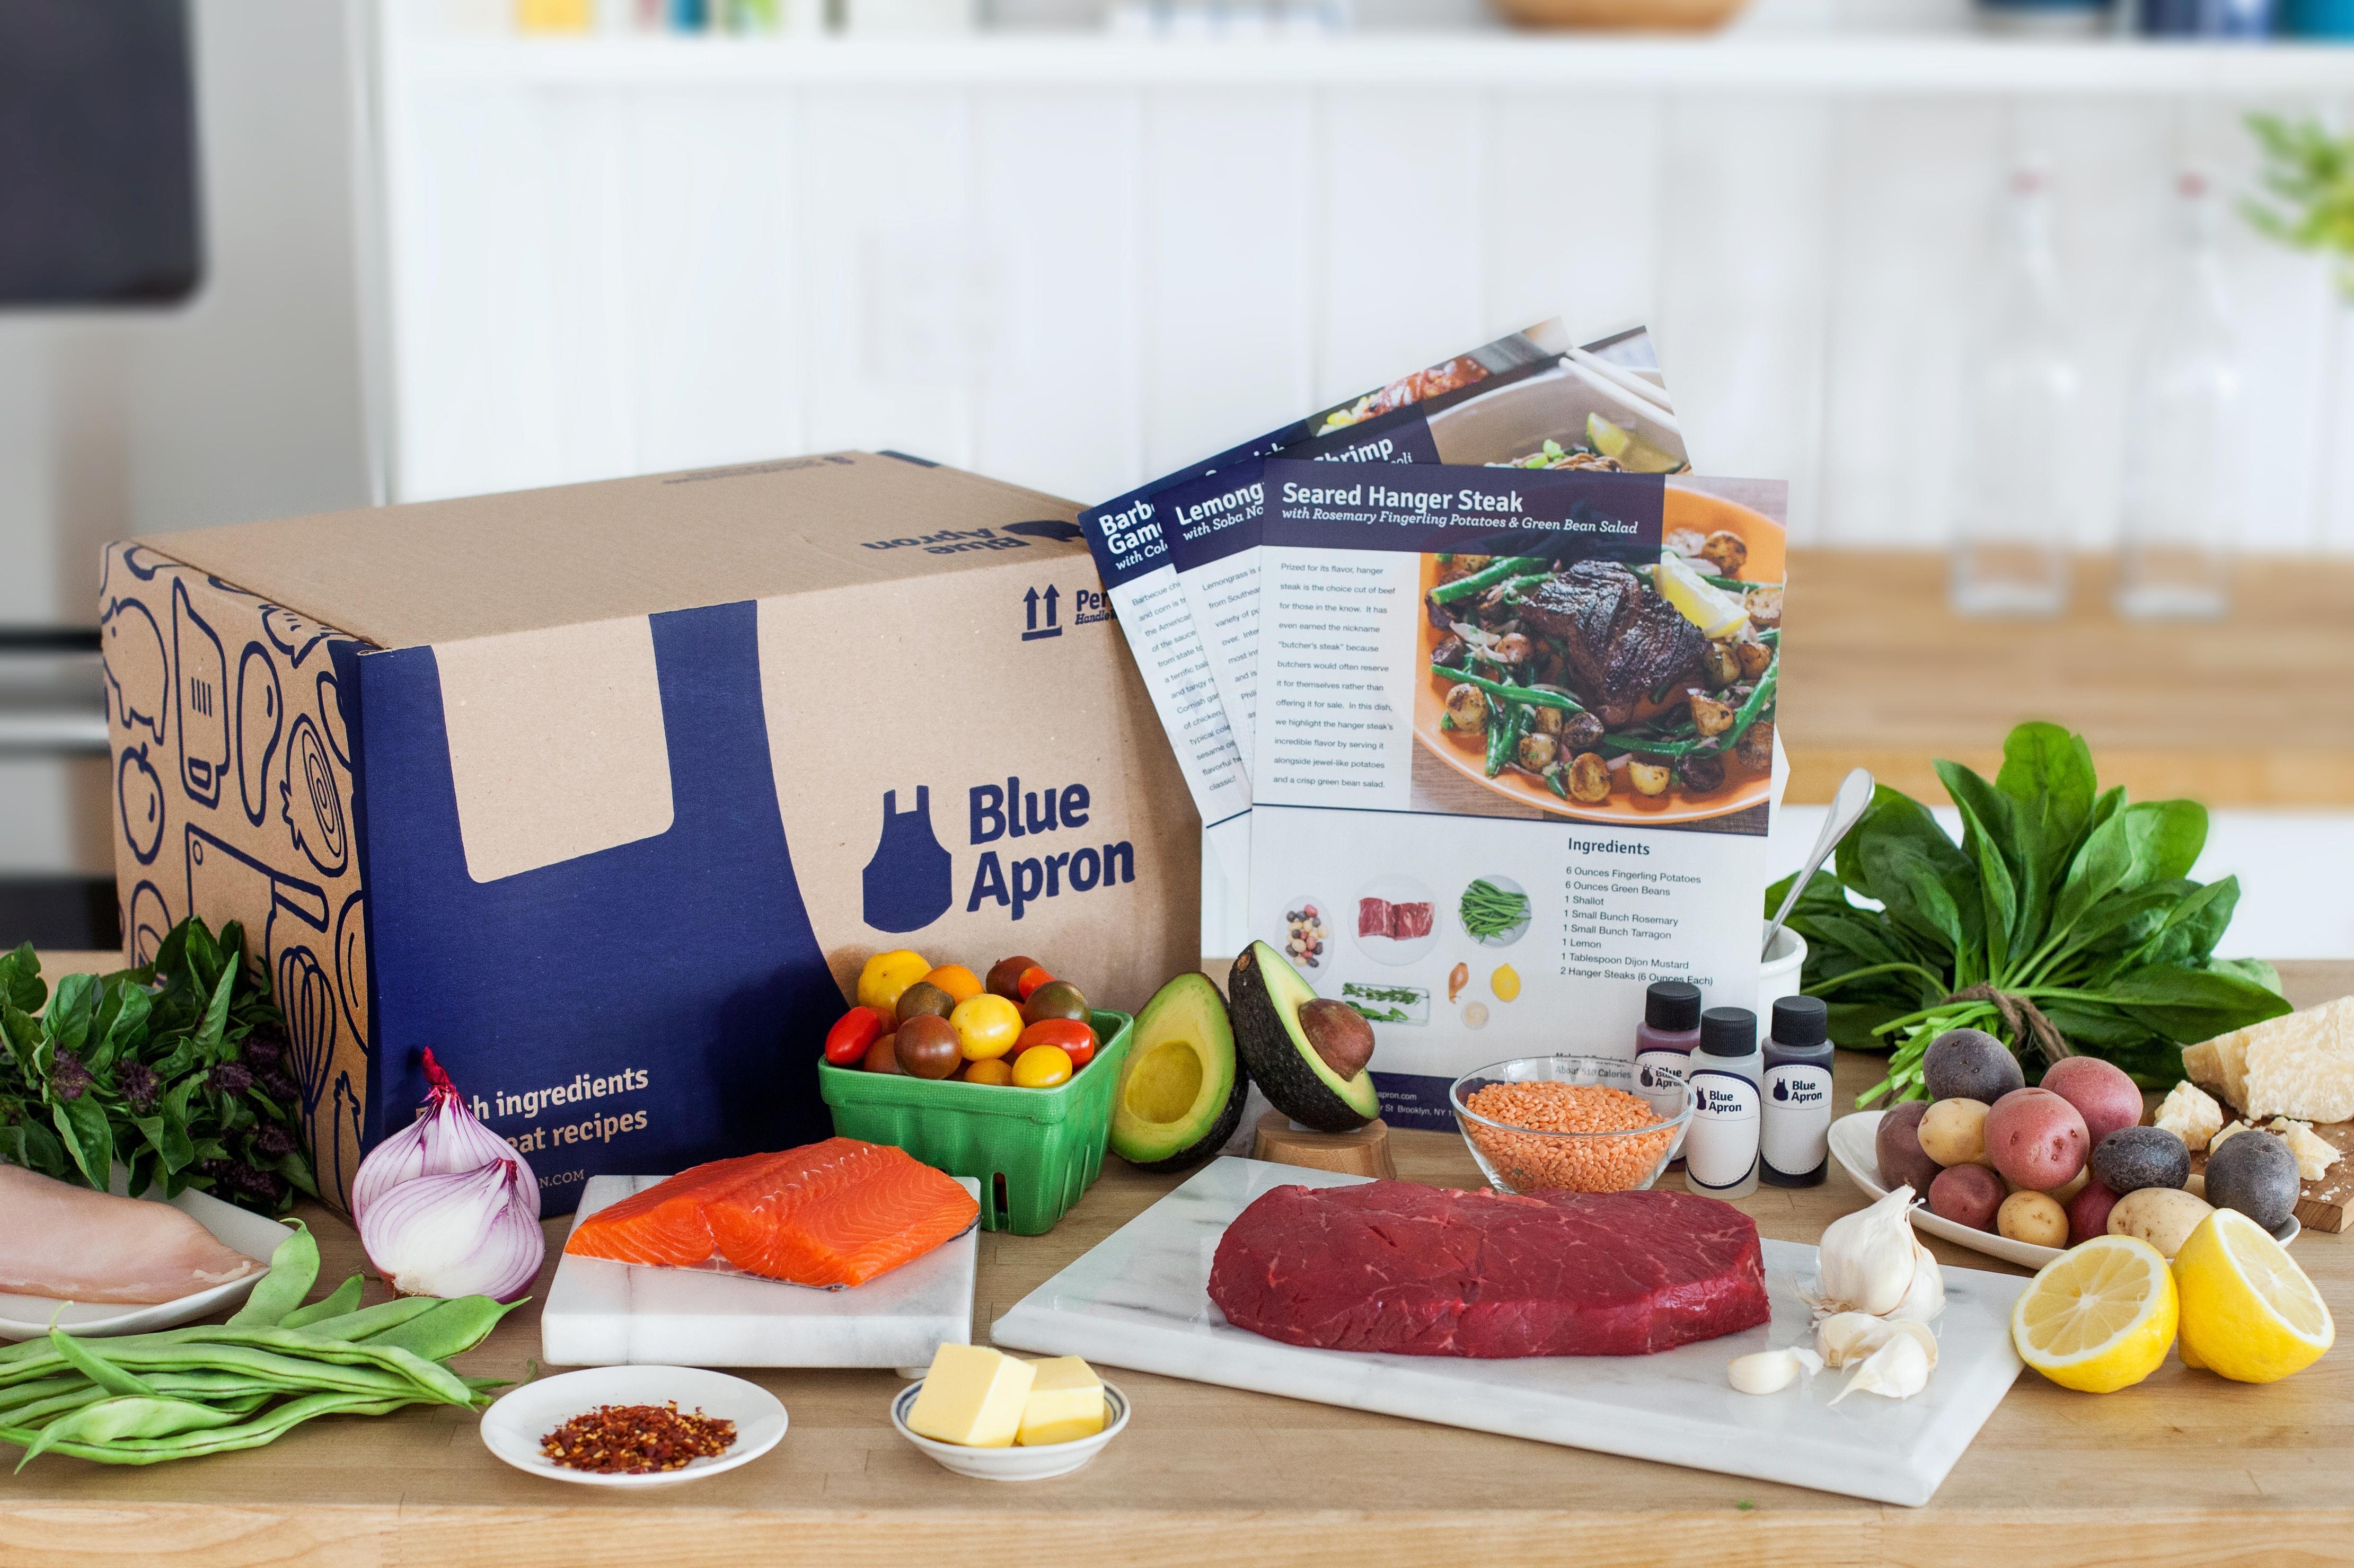 Blue apron reviews - Blue Apron Product Shot